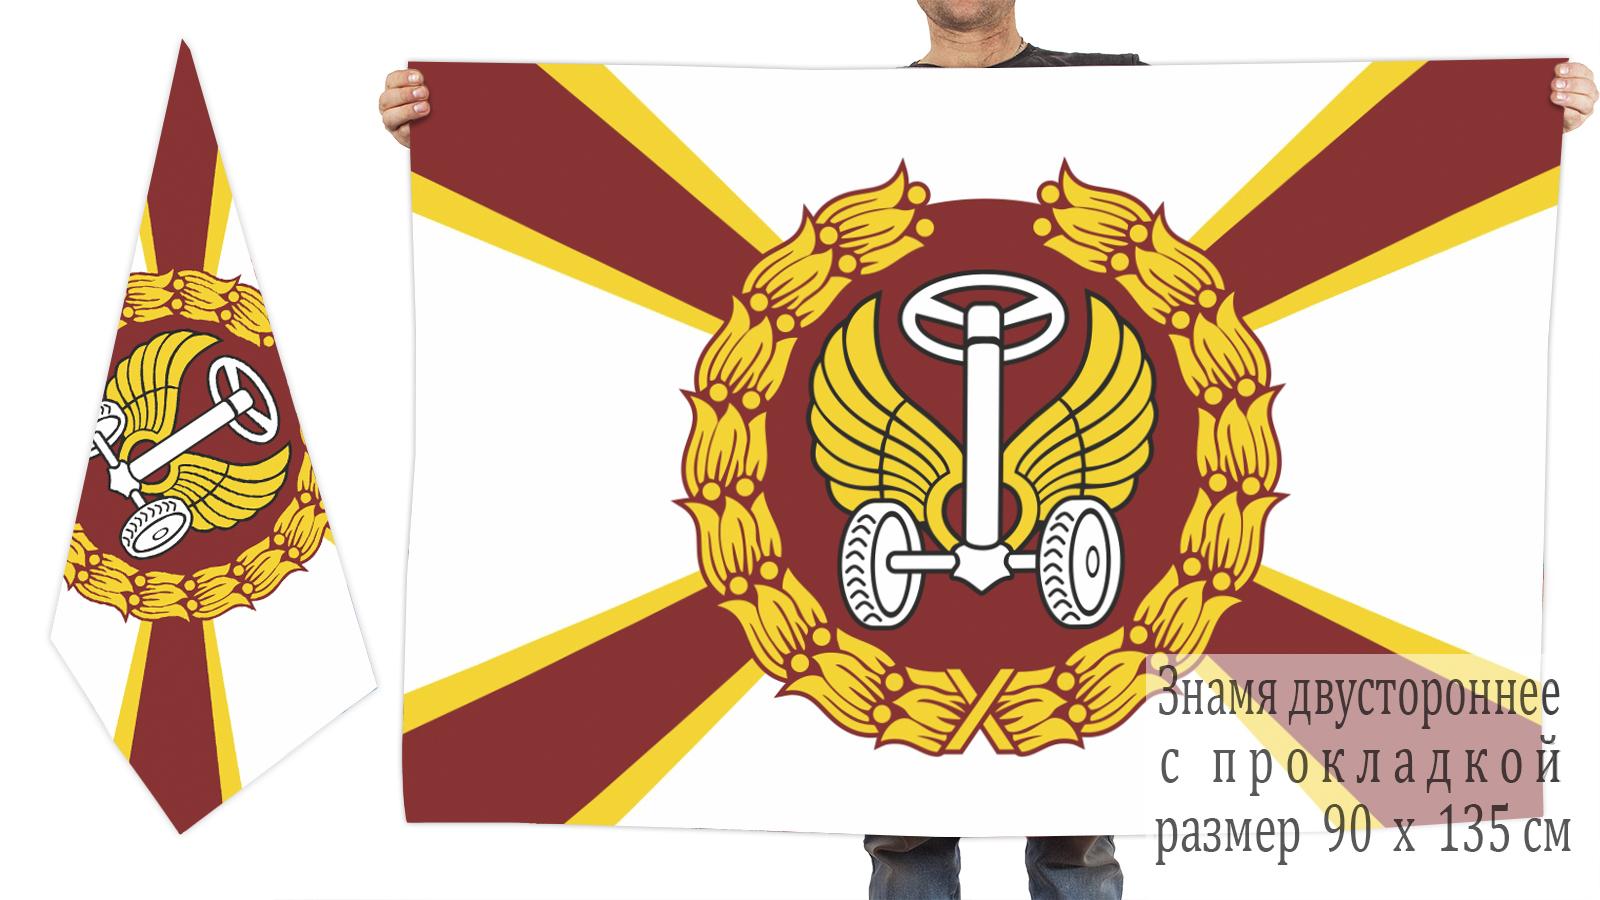 Купить в военторге с доставкой флаг автомобильных войск